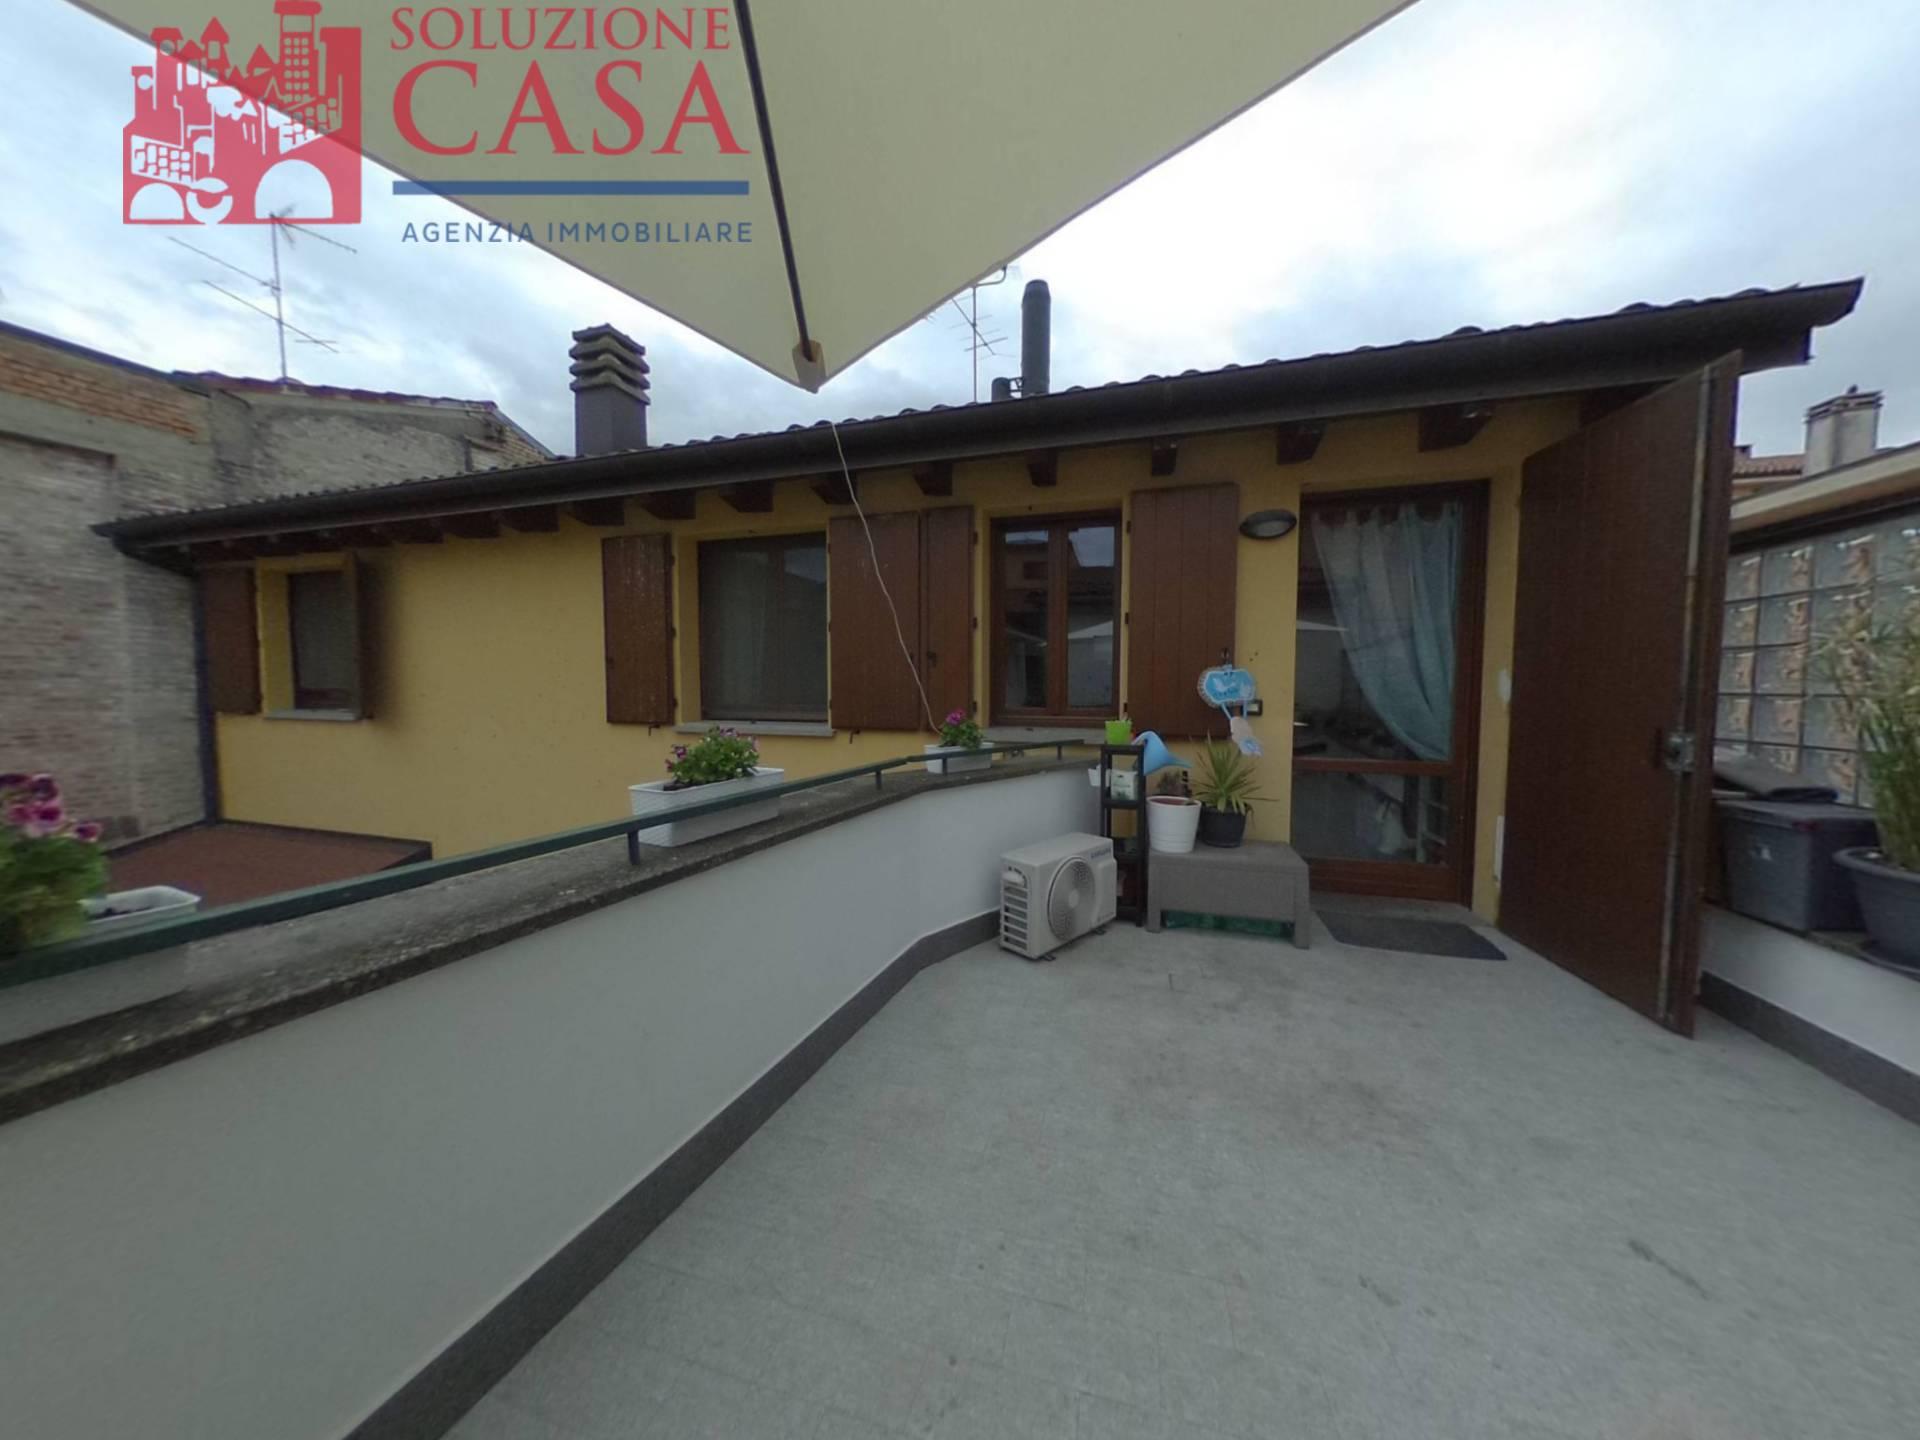 Appartamento in vendita a Pieve di Cento, 3 locali, Trattative riservate | PortaleAgenzieImmobiliari.it